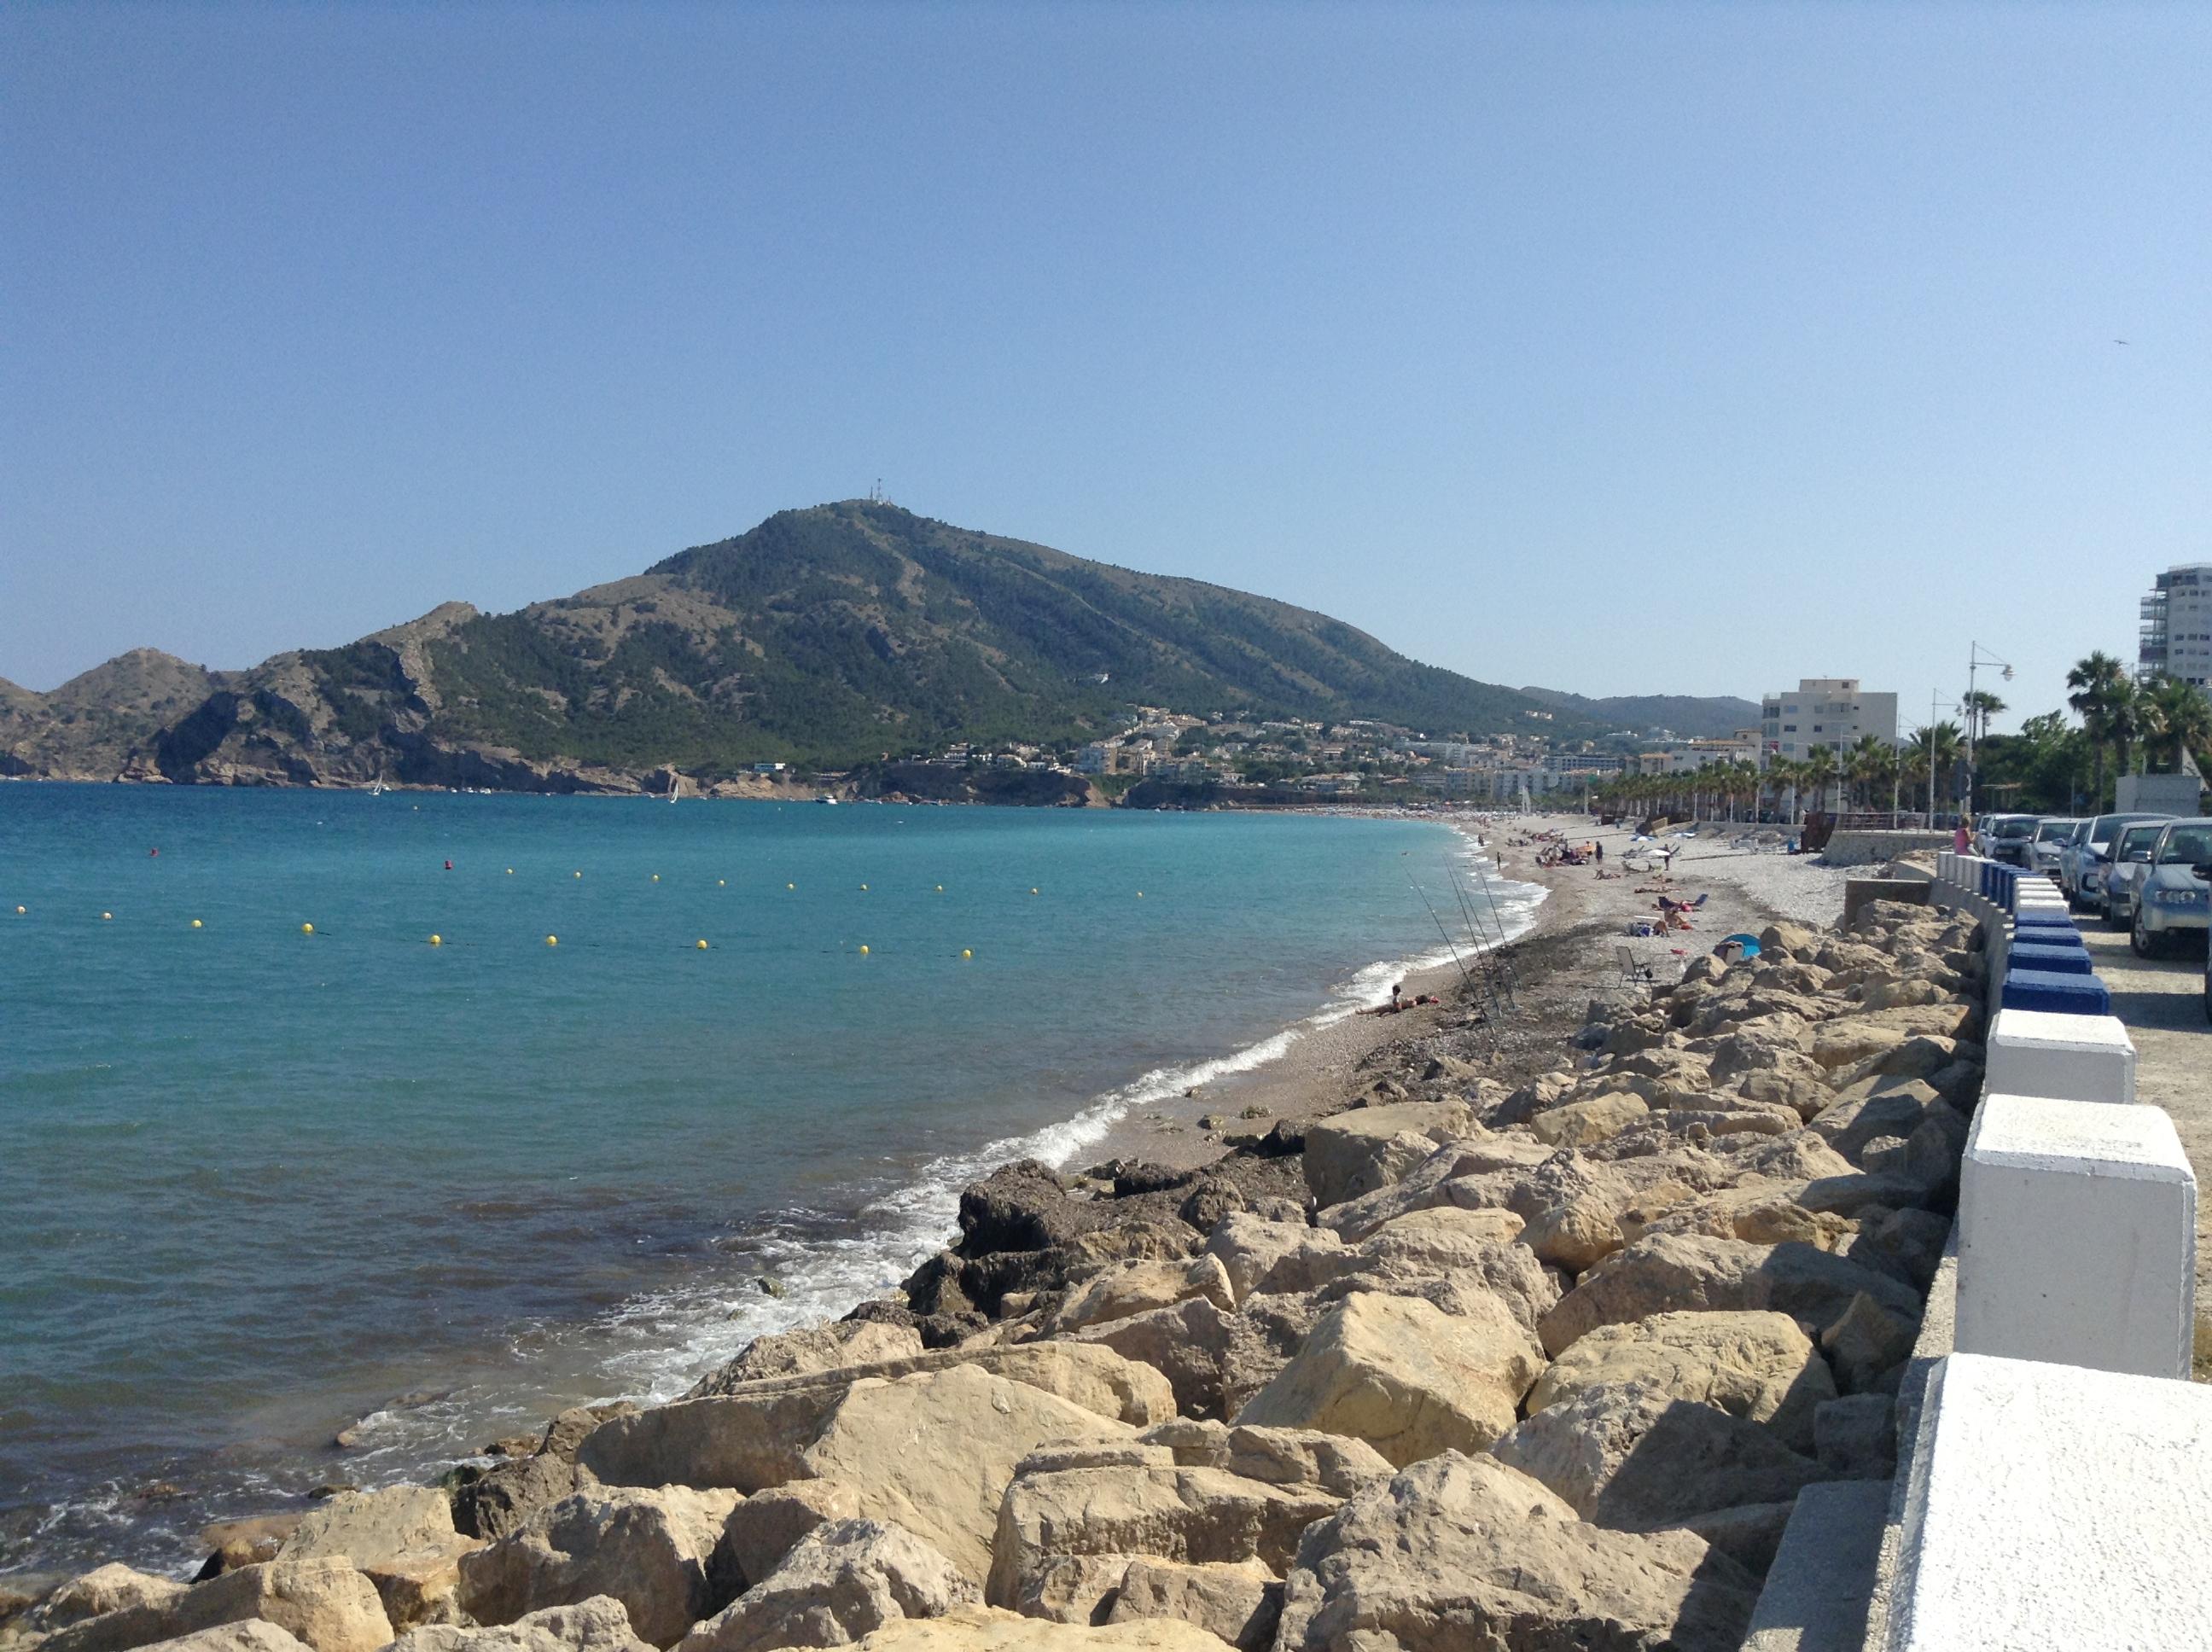 Fabelaktig File:Playa del Albir - June 29, 2013.jpg - Wikimedia Commons VK-68